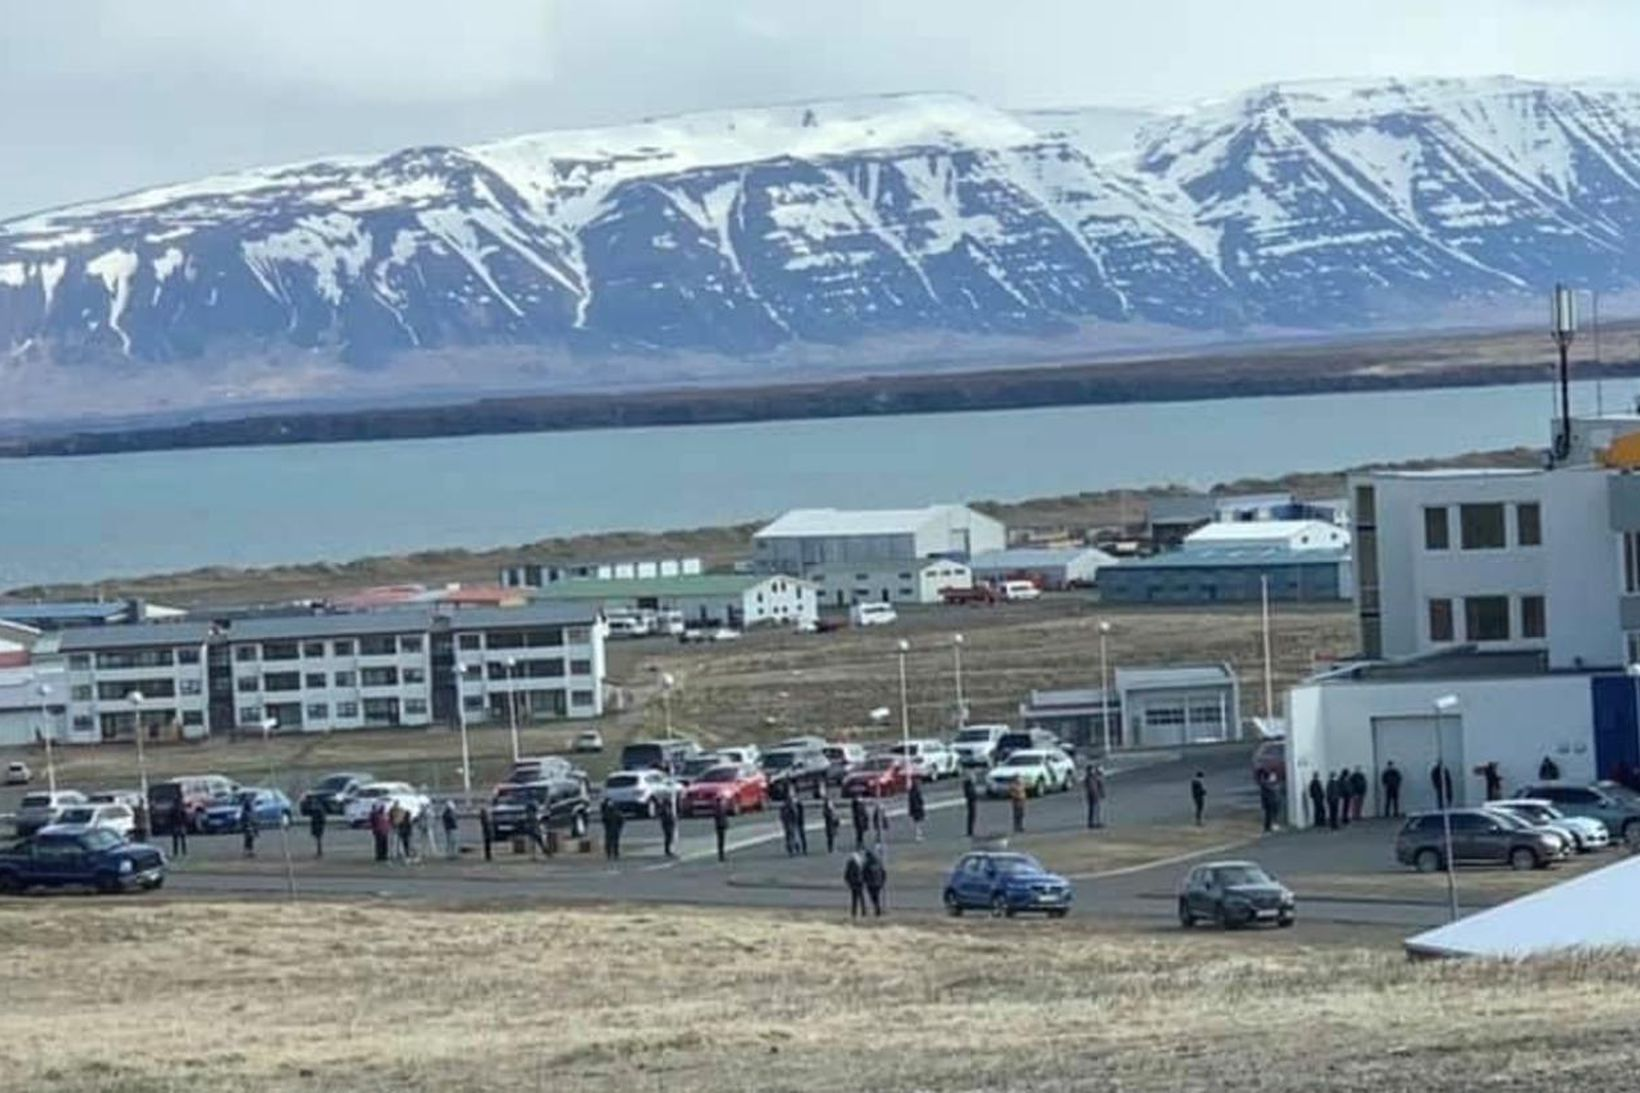 Hátt í 200 manns voru skimaðir í Skagafirði í dag …